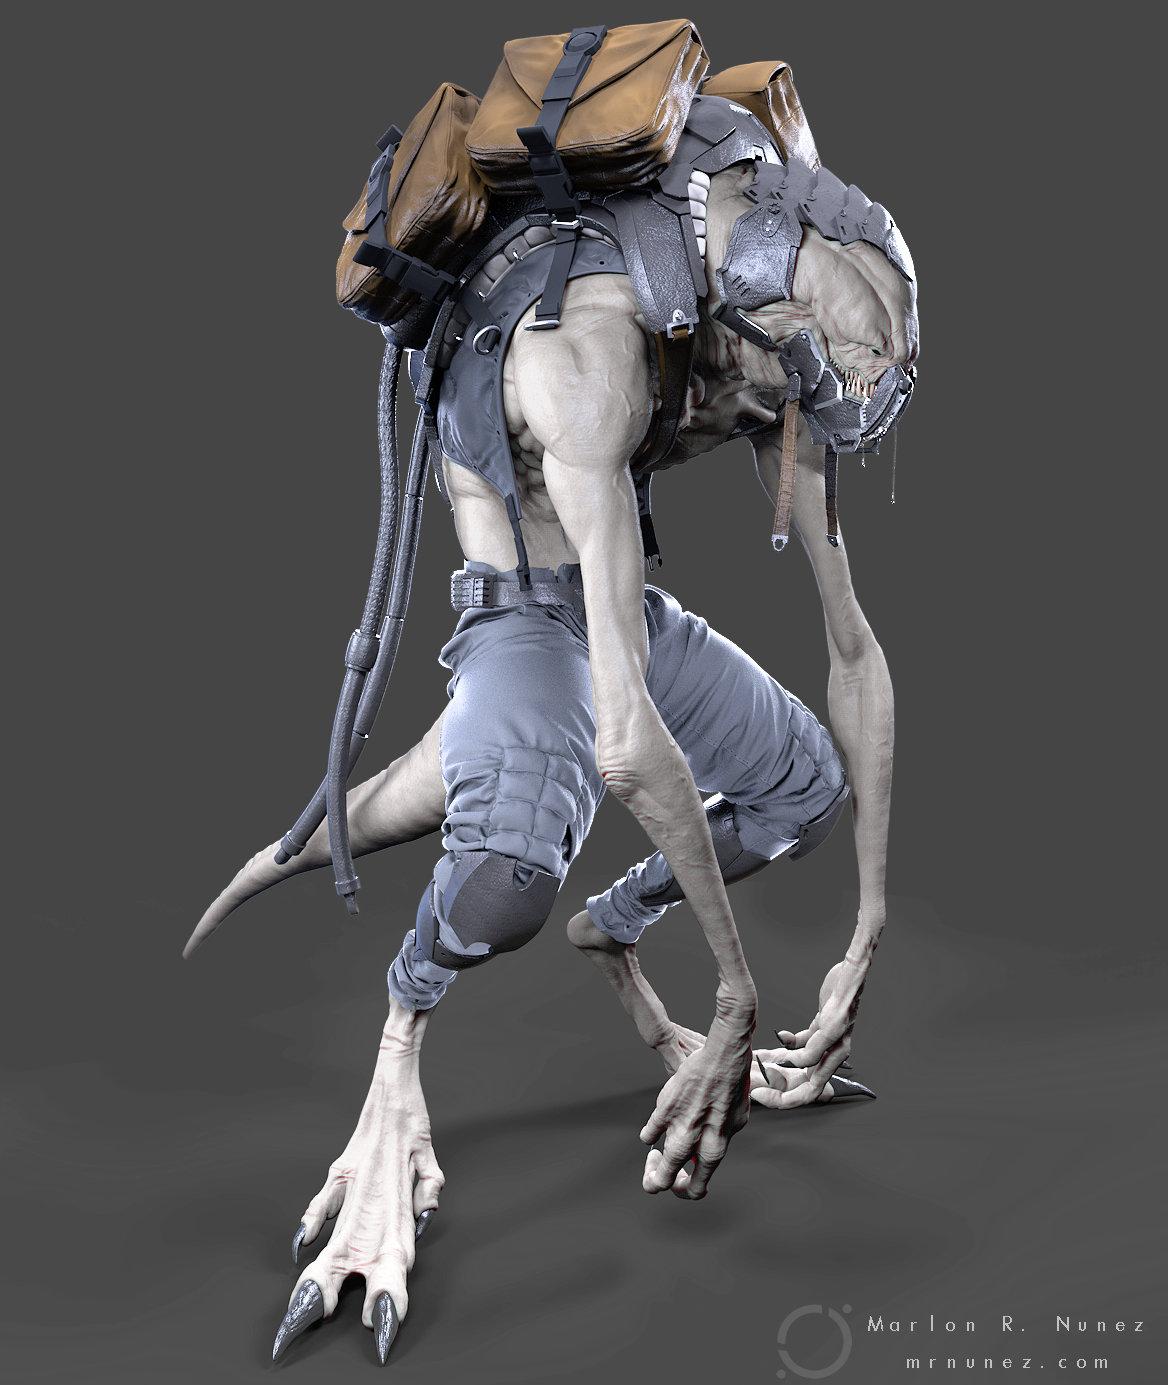 Marlon r nunez sculpt keyshot main